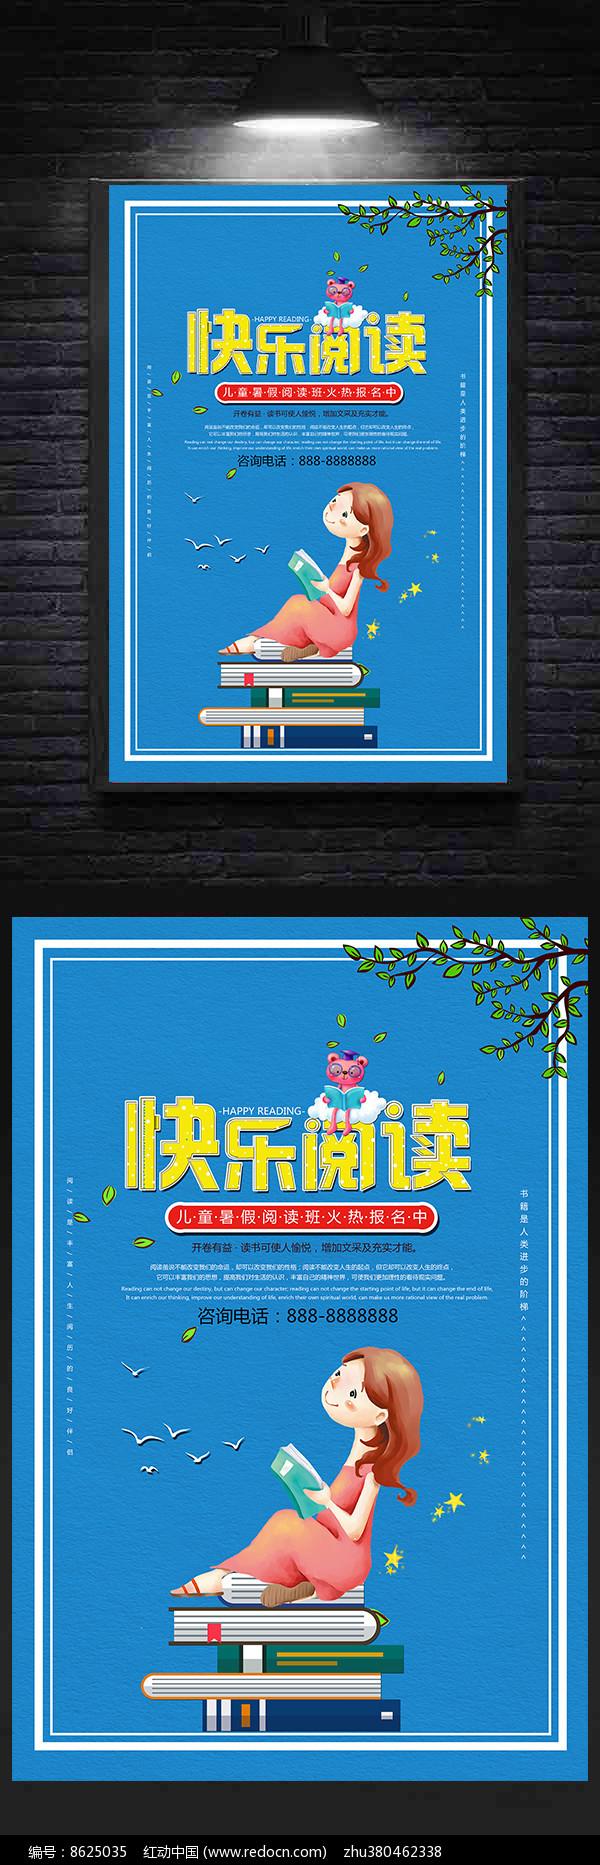 快乐阅读校园文化宣传海报